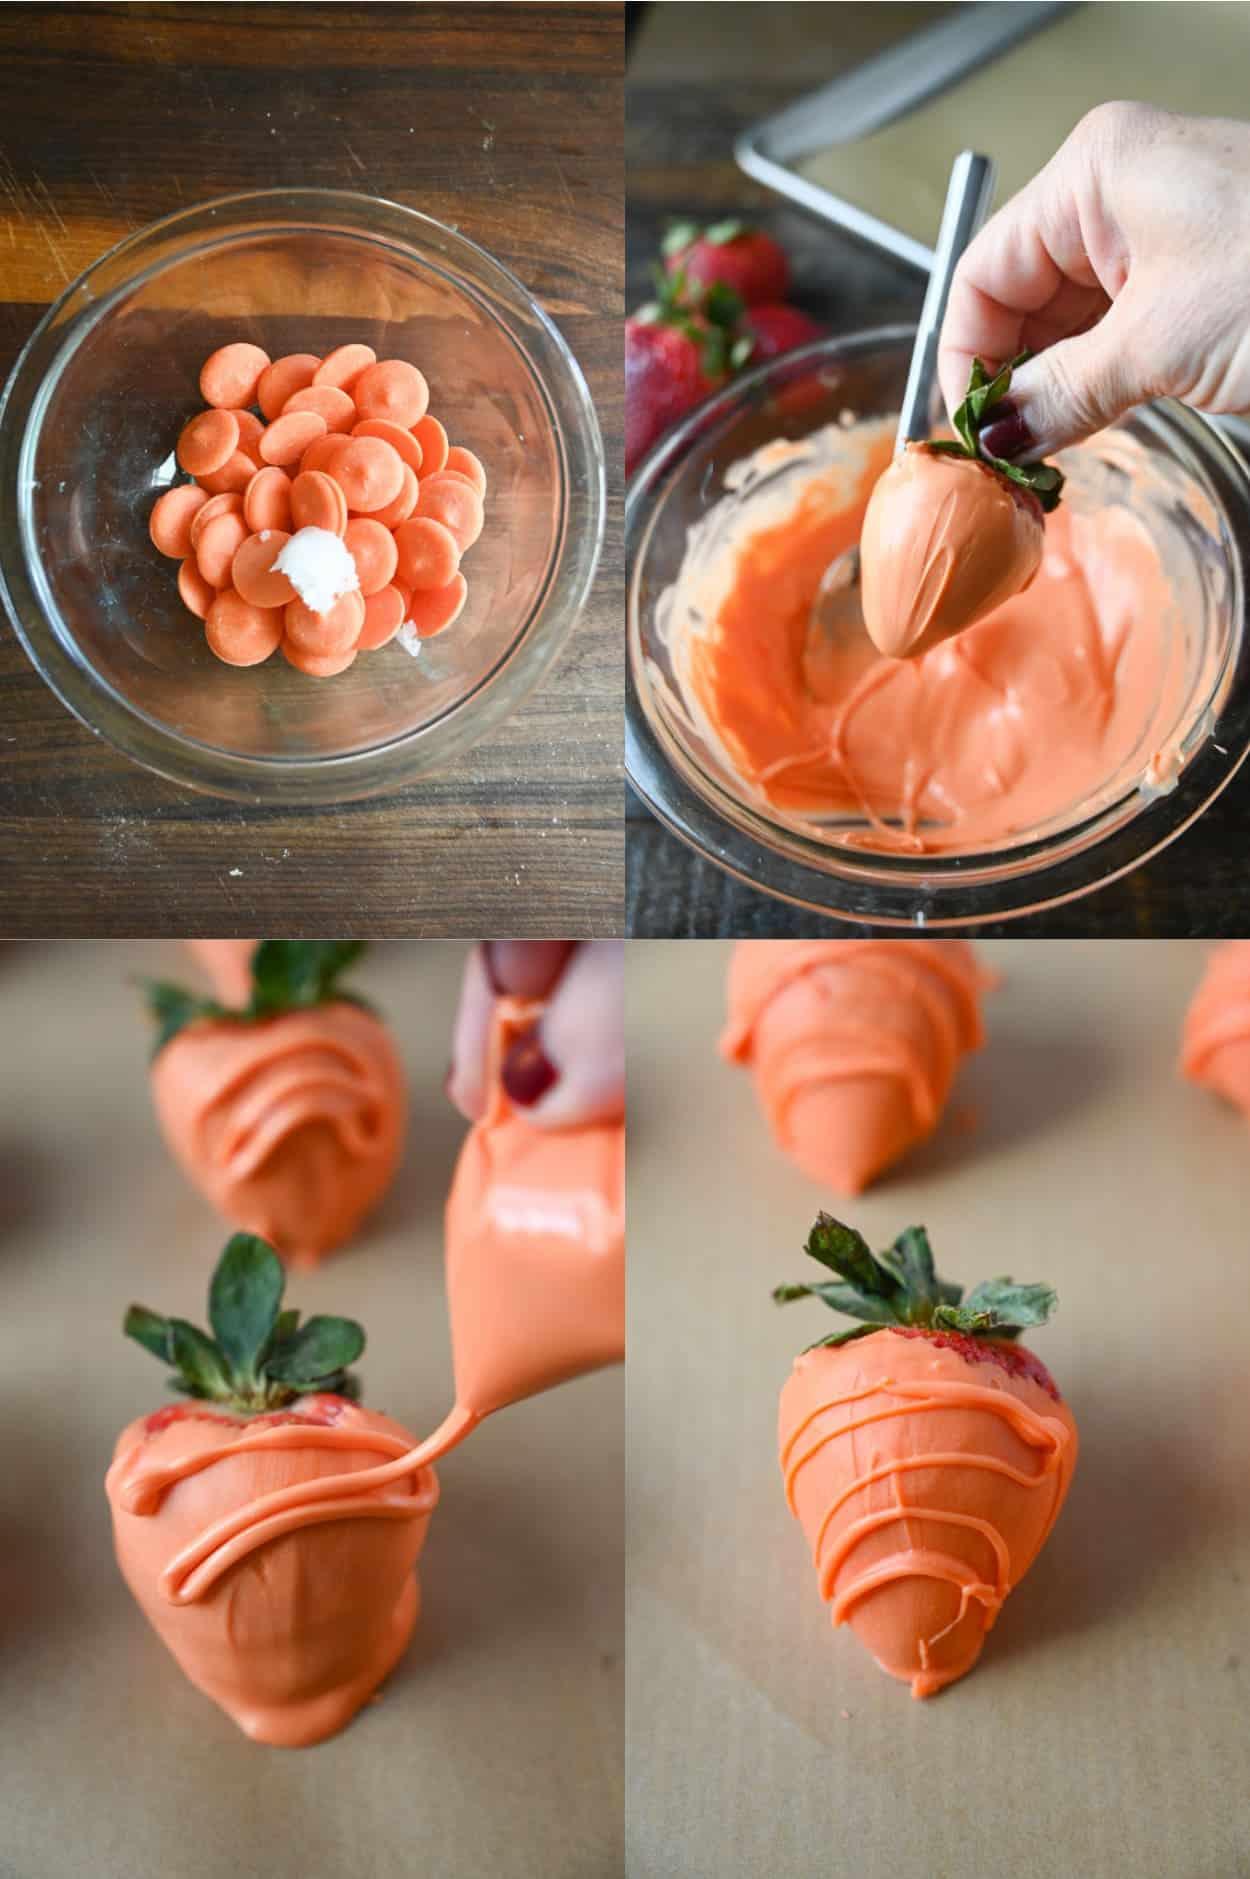 Patru fotografii ale procesului.  Mai întâi o napolitana de ciocolata portocalie si putin ulei de cocos intr-un castron pregatindu-se sa fie topit.  În al doilea rând, ciocolată de portocale topită și o căpșună înmuiată în ciocolată.  În al treilea rând, căpșuni acoperite cu ciocolată pe hârtie de copt cu o stropi de mai multă ciocolată așezată deasupra.  În al patrulea rând, o căpșună acoperită cu ciocolată care arată ca un morcov pe hârtie de copt.